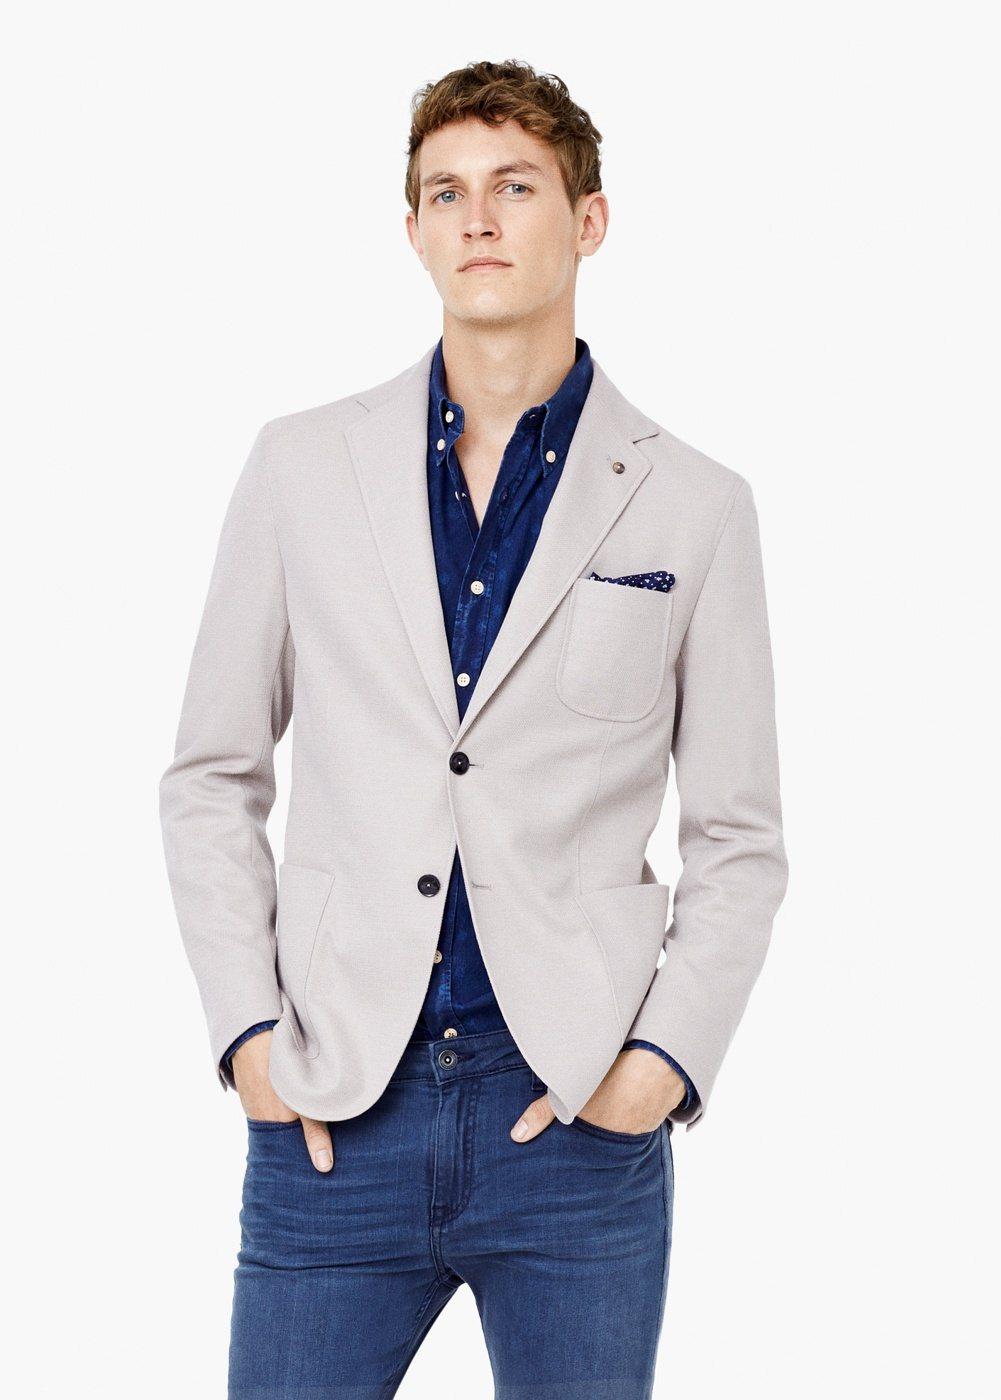 Descubre la moda de hombre online con ASOS. Las últimas tendencias en ropa, camisetas, pantalones y botas. Entrega y devolución gratuita.